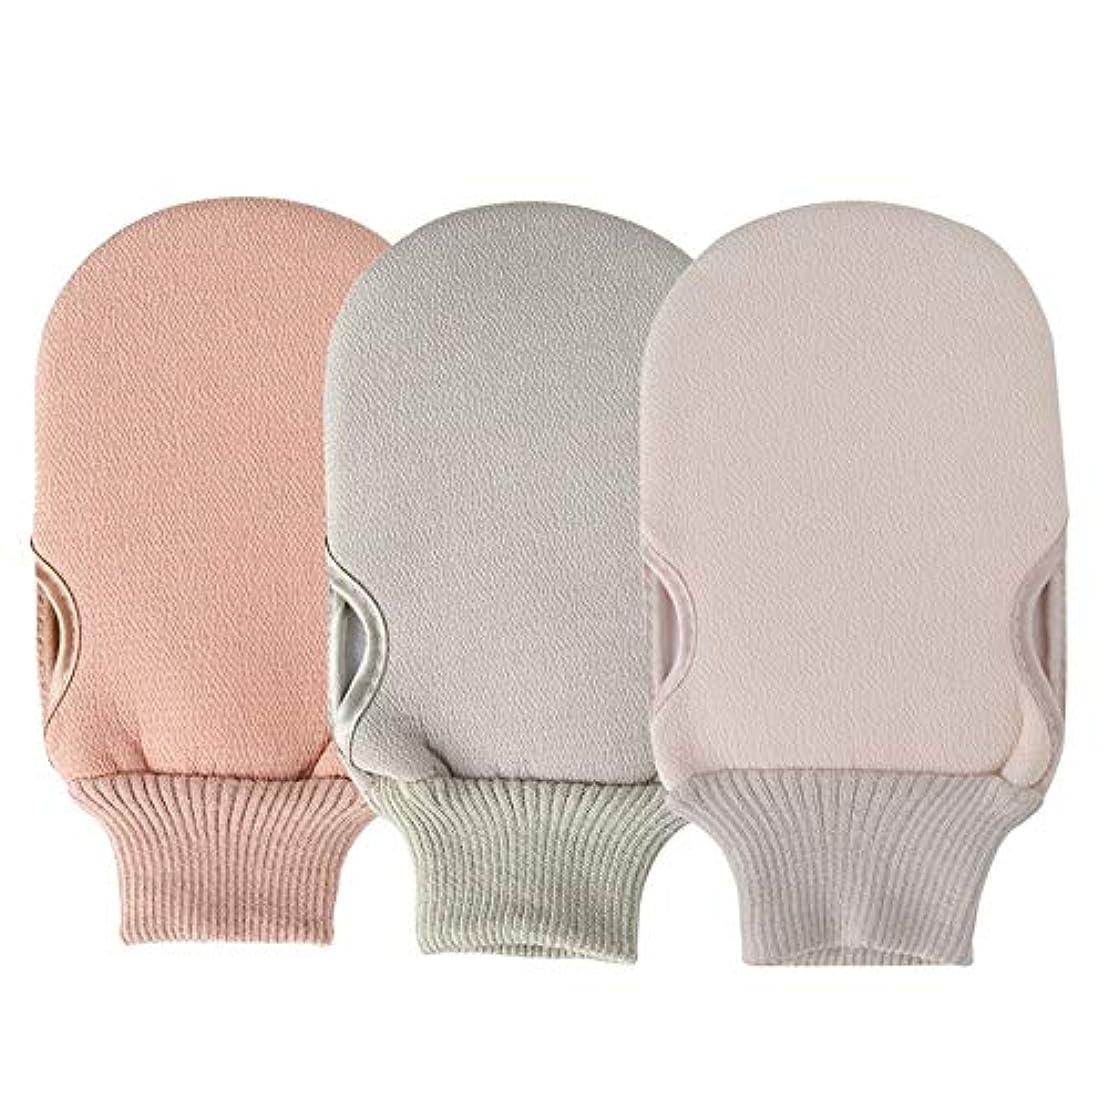 取得する羊飼い宿BTXXYJP お風呂用手袋 あかすり シャワー手袋 ボディブラシ やわらか ボディタオル バス用品 角質除去 (Color : Pink+green+beige)